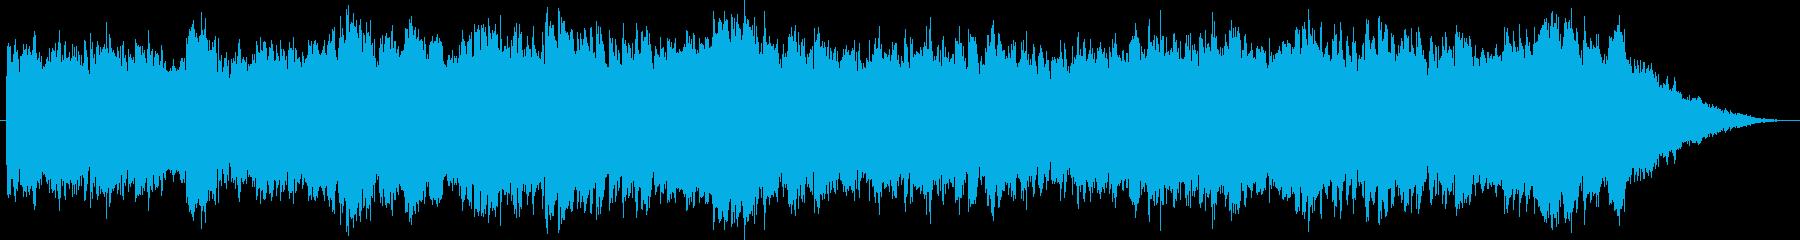 [悲愴]BGM向けストリングスアレンジの再生済みの波形